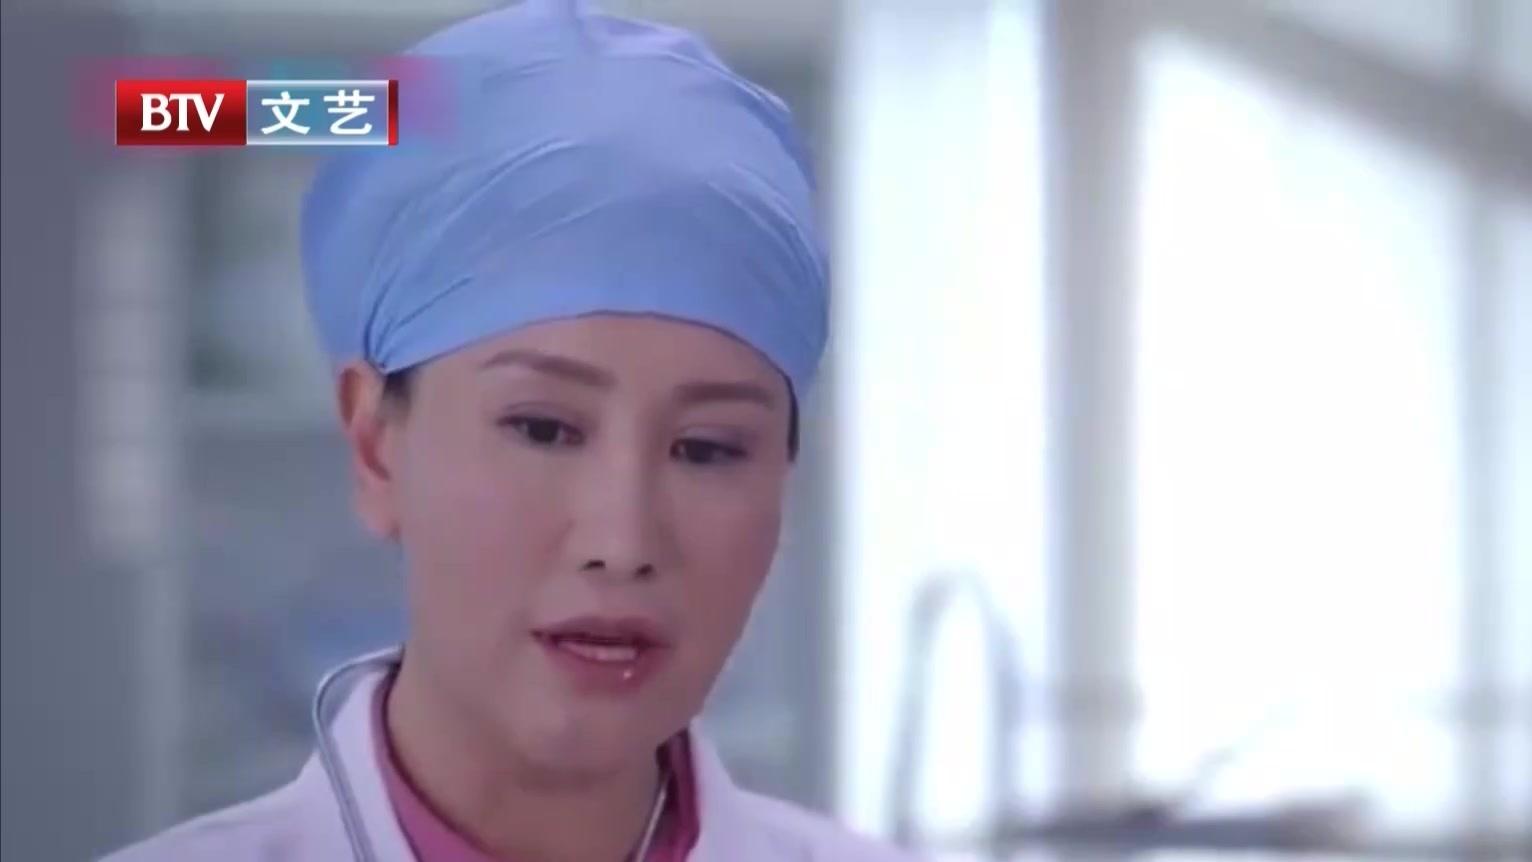 众演员医院体验生活 力求专业